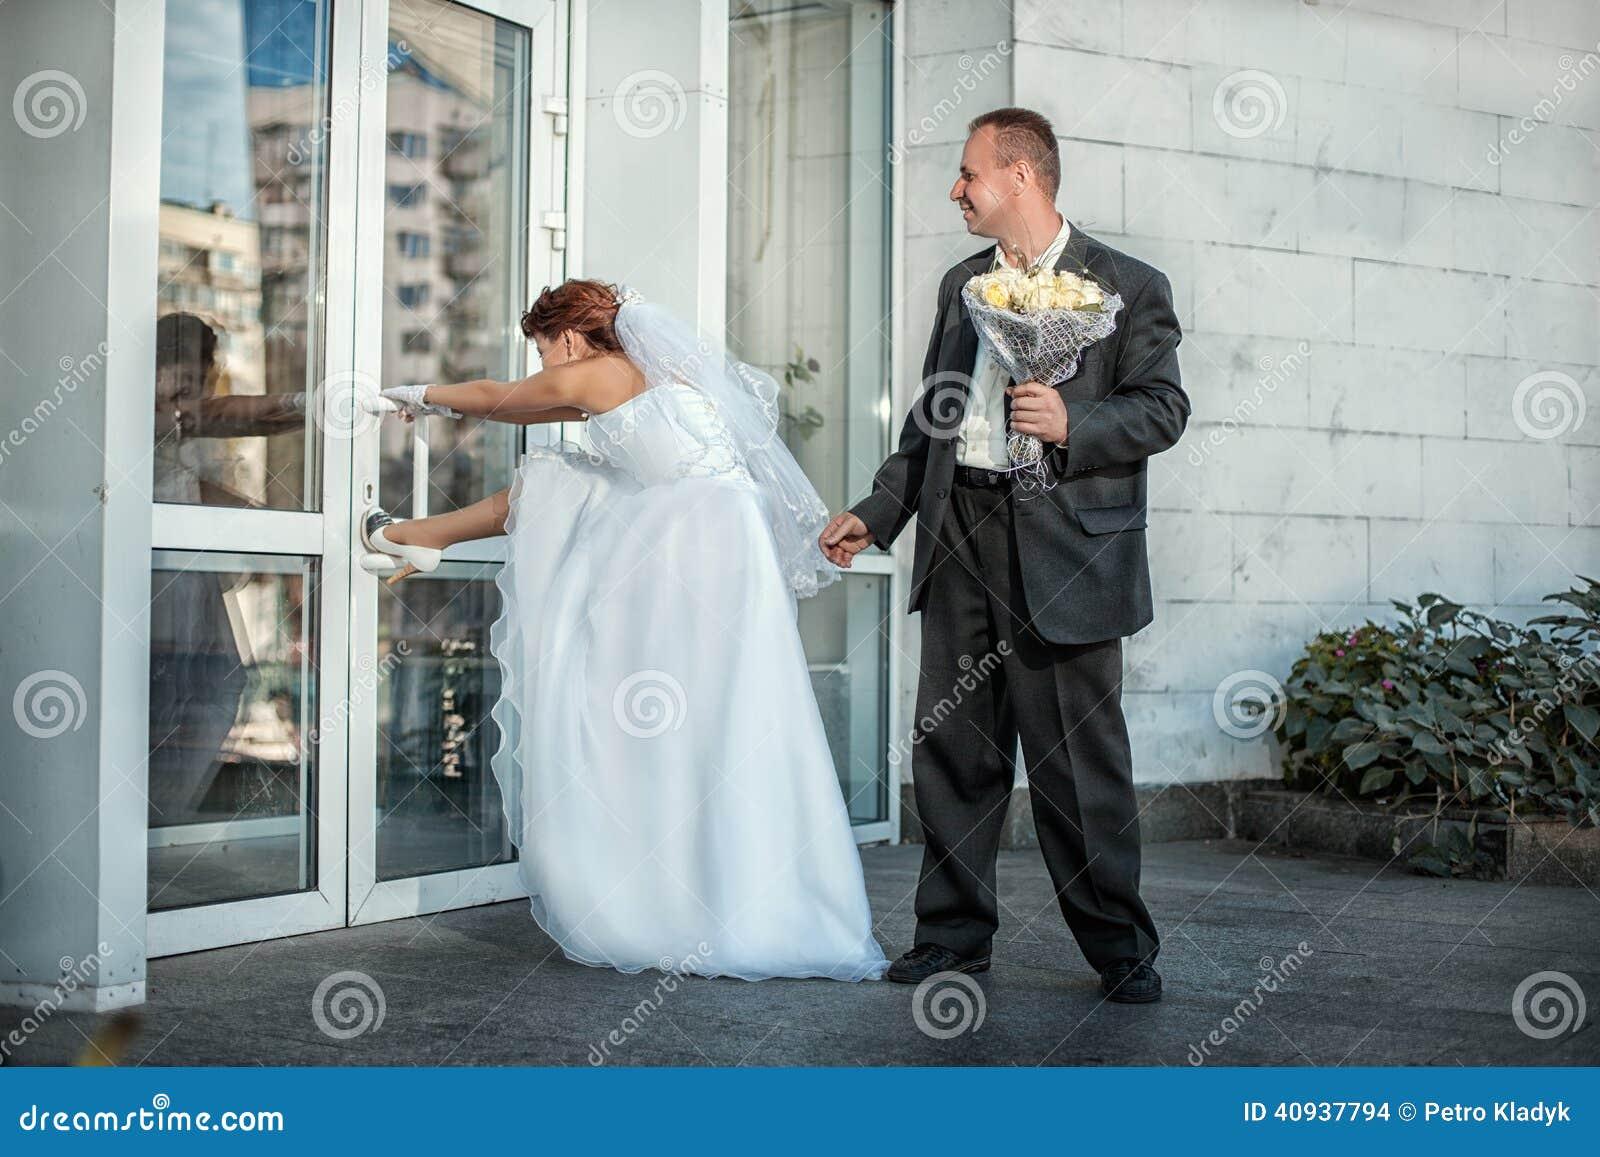 Die Braut Und Der Brautigam Wunschen Bald Heiraten Stockfoto Bild